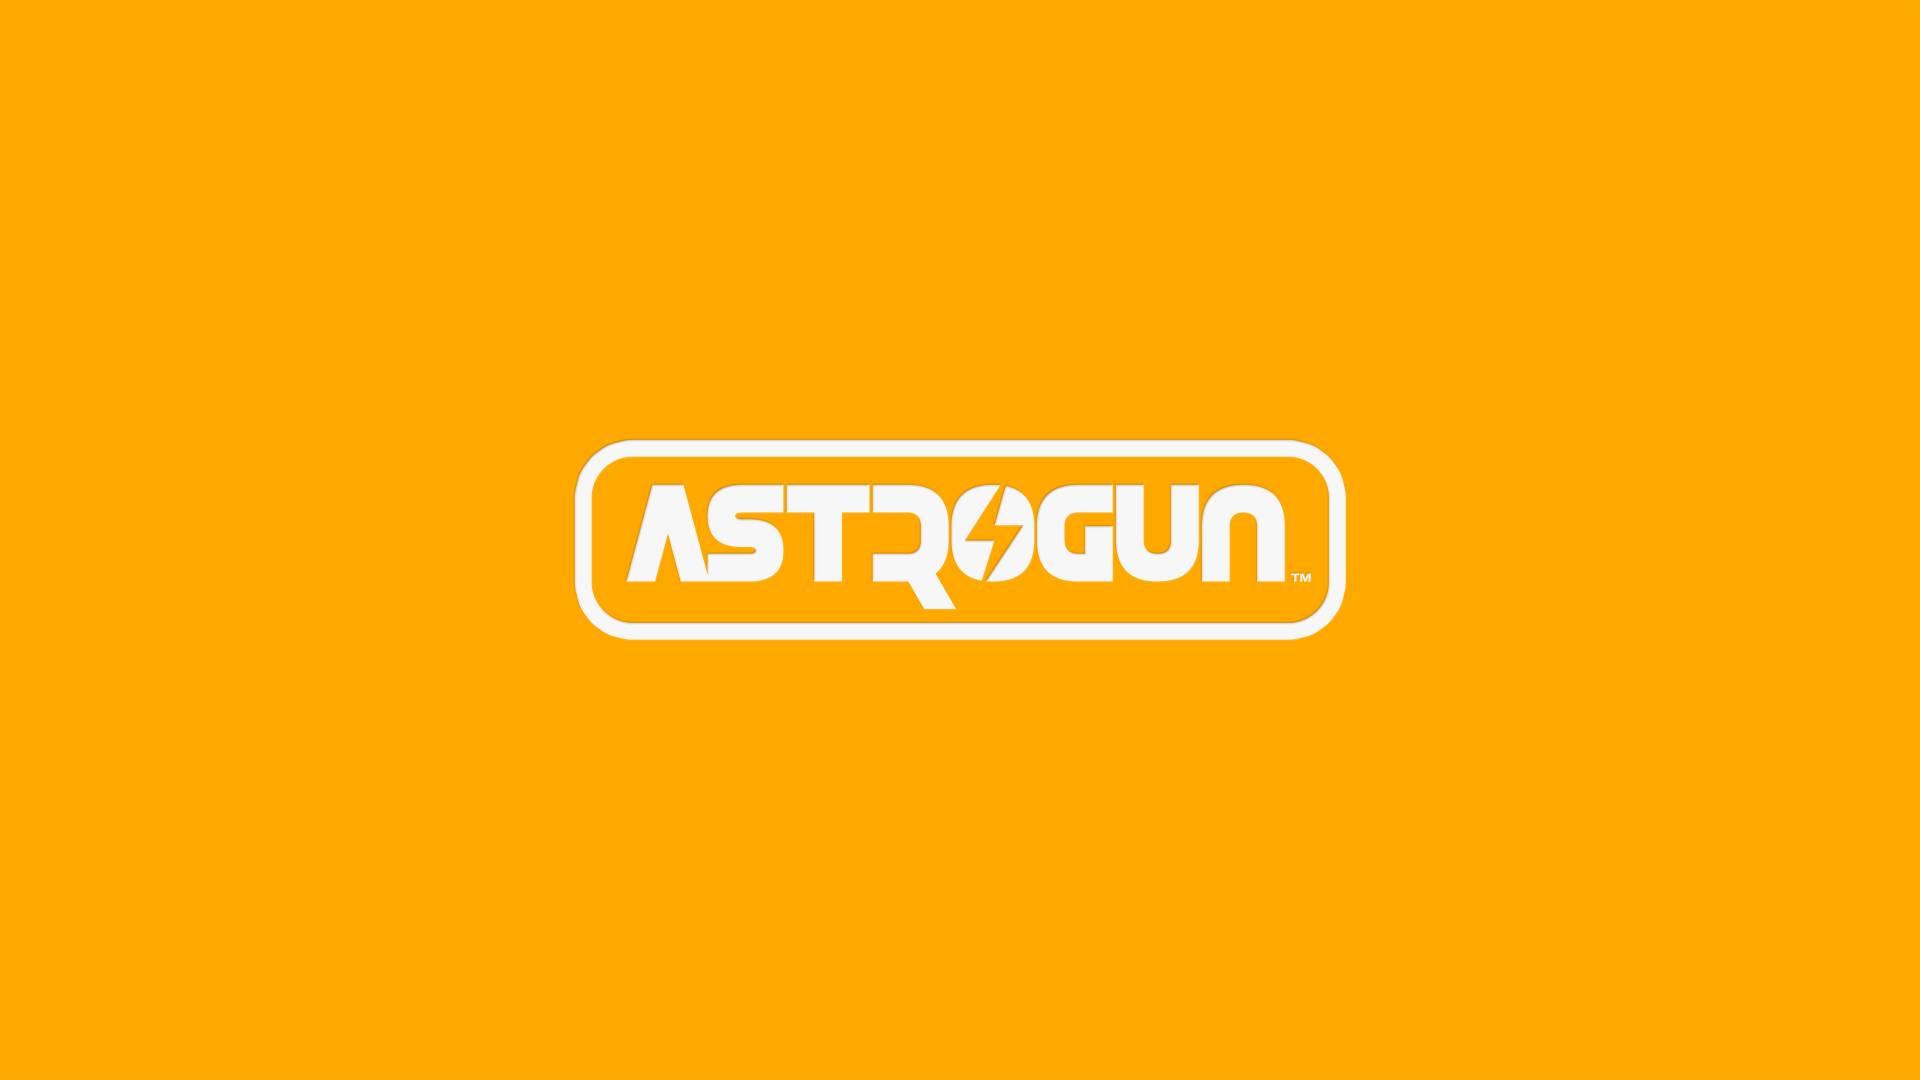 ASTROGUN